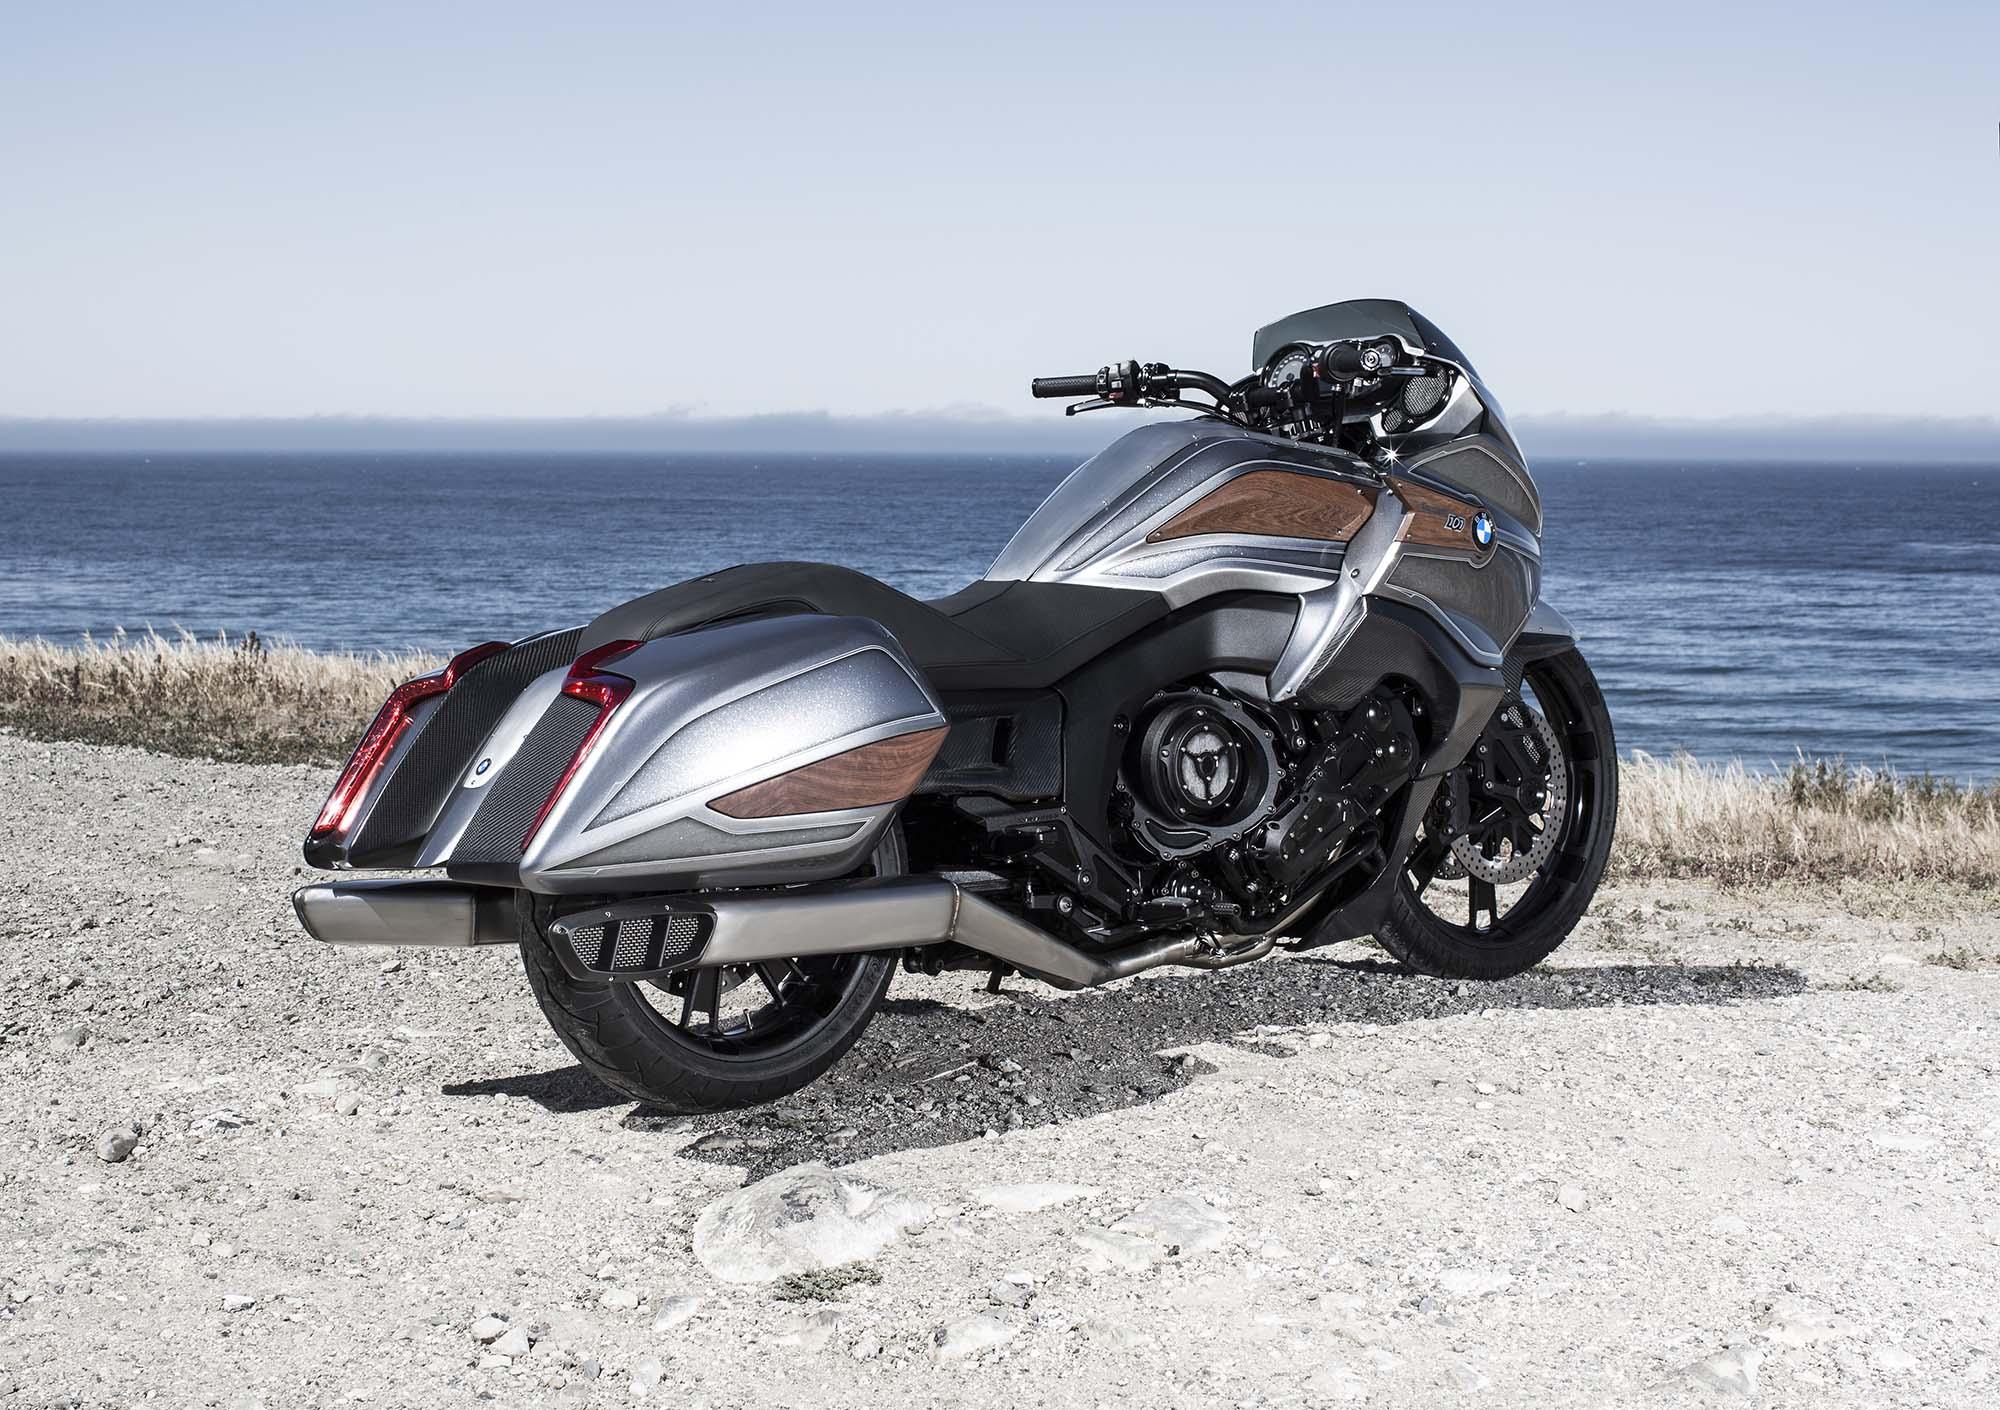 BMW Motorrad Concept 101 - Six Cylinders of Bagger - Asphalt & Rubber